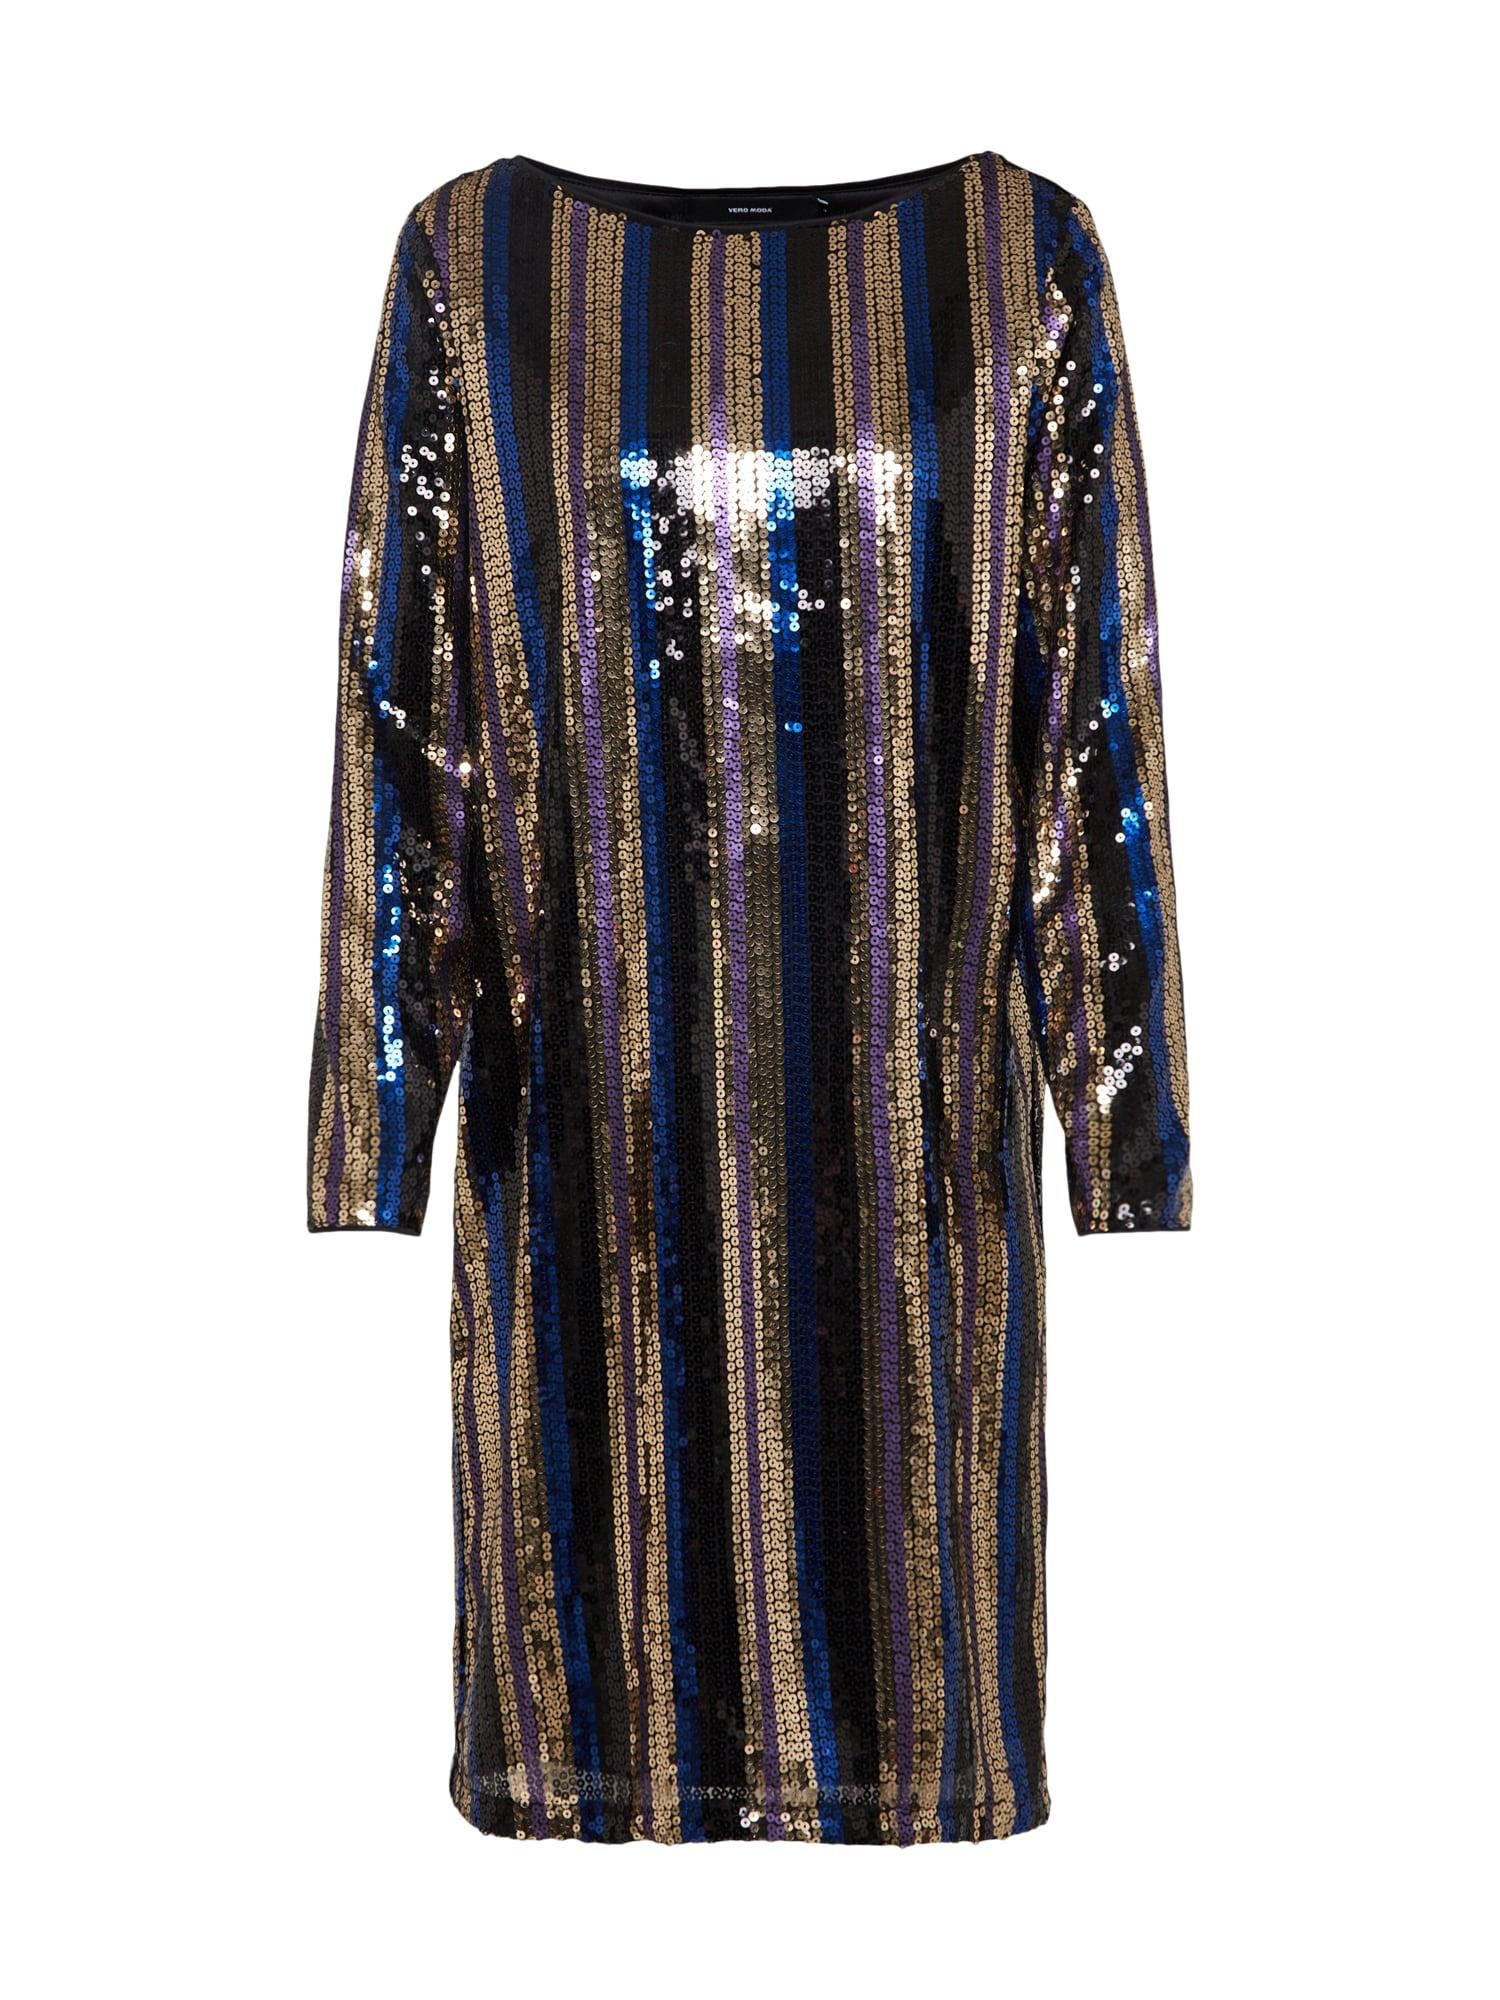 Koktejlové šaty DORIS BOATNECK DRESS námořnická modř zlatá černá VERO MODA